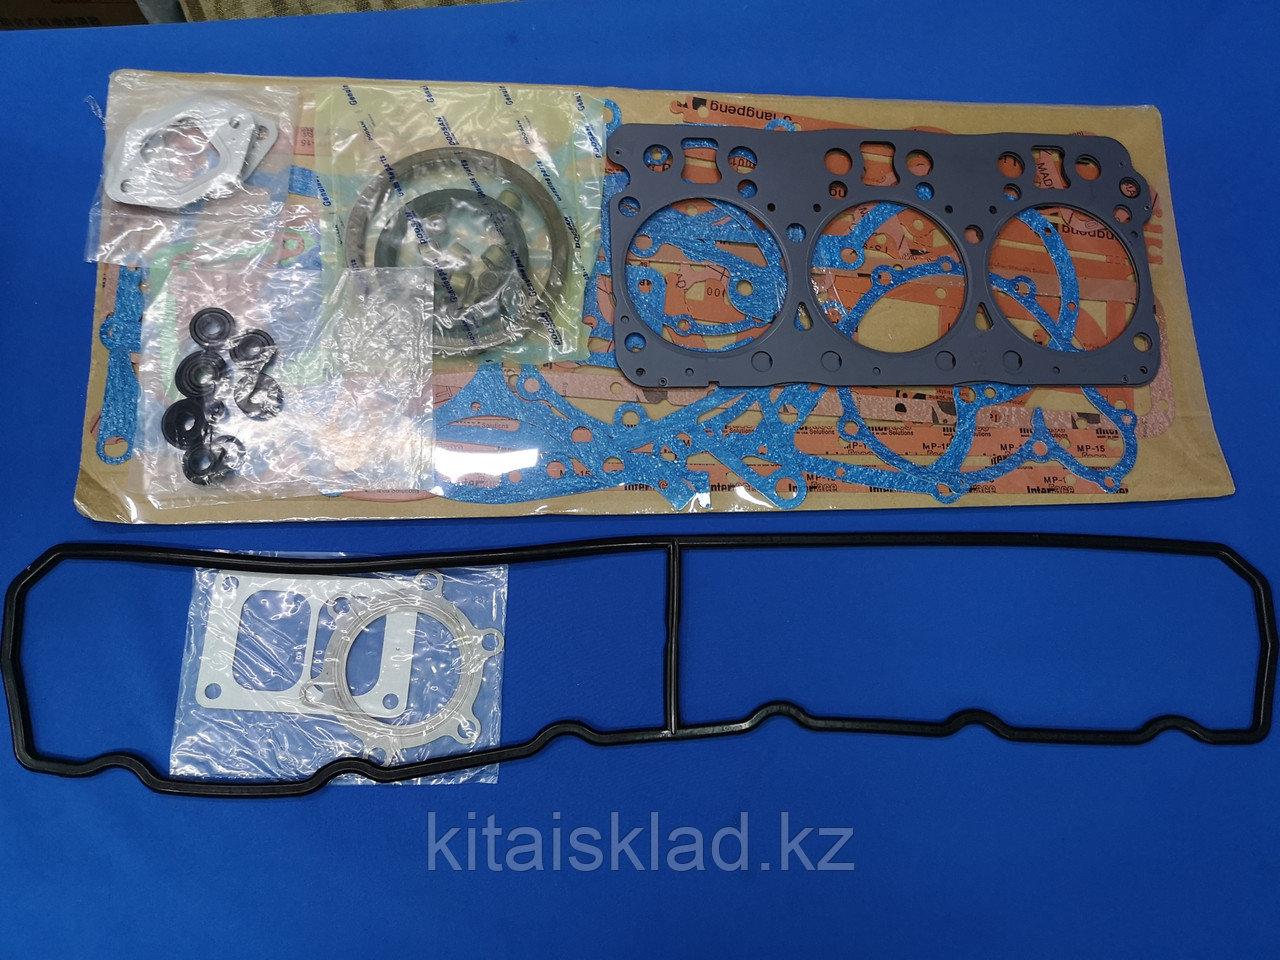 Ремкомплект прокладок DOOSAN DE12TIS 65.00900-8601S